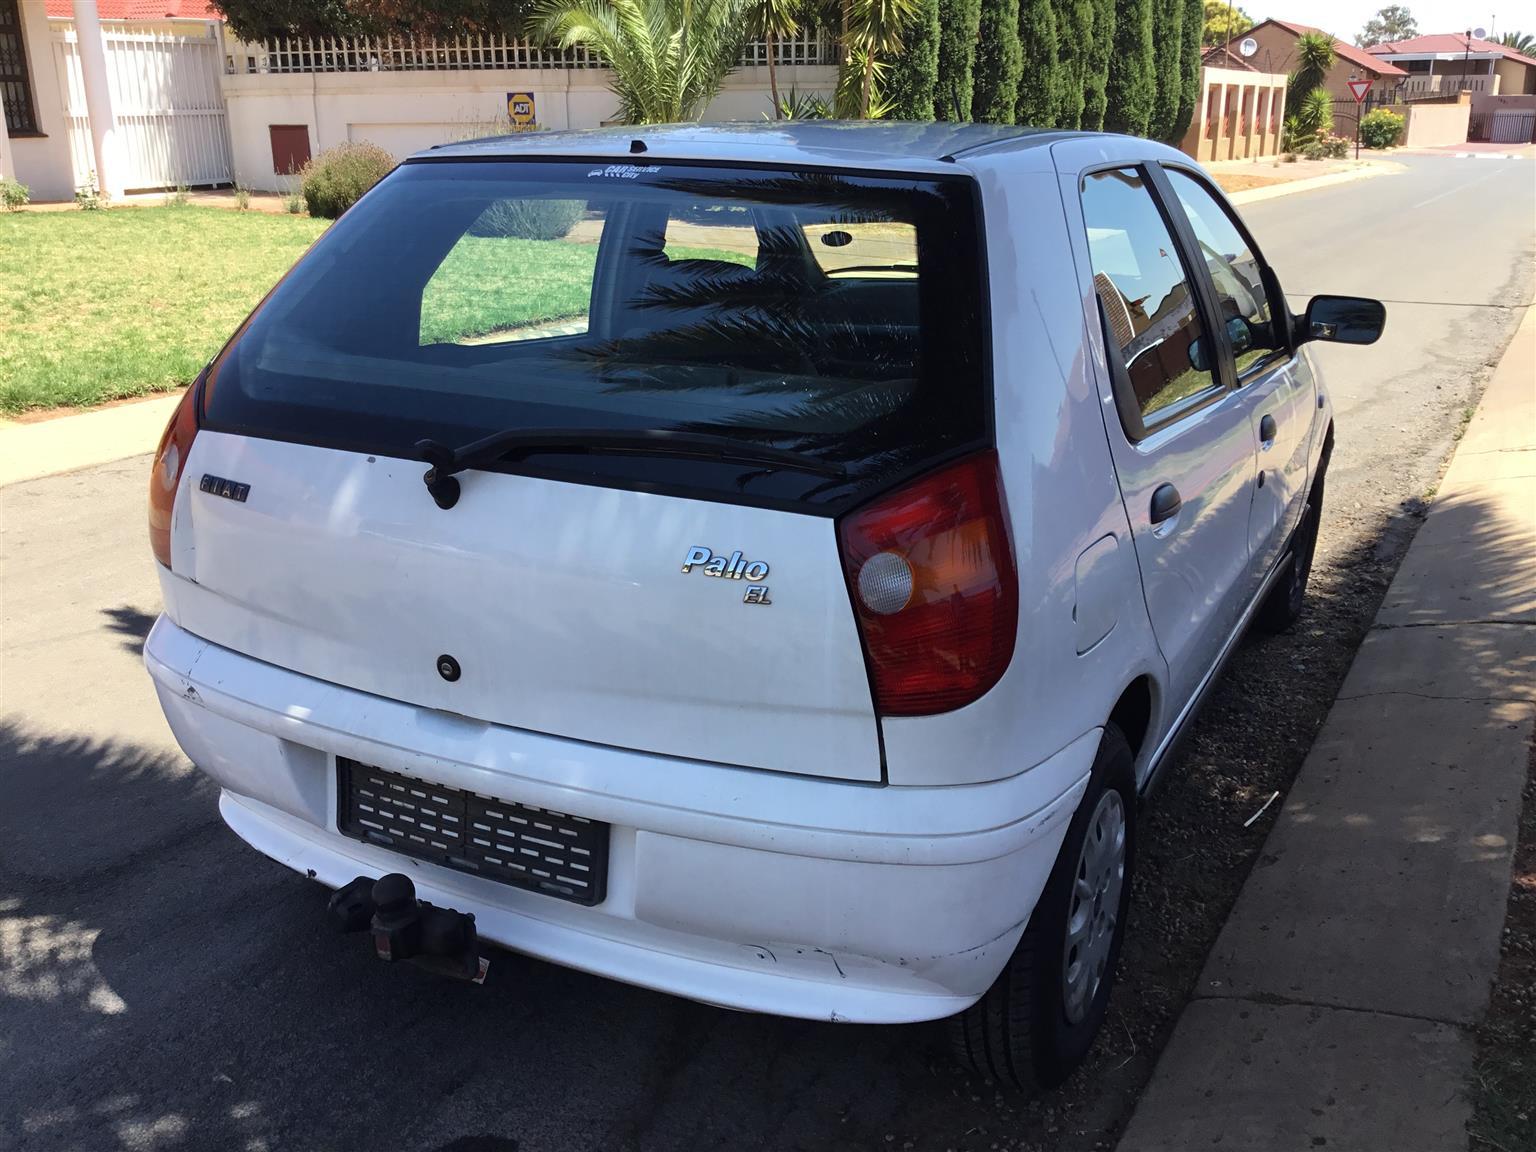 2004 Fiat Palio 1.6 EL 5 door